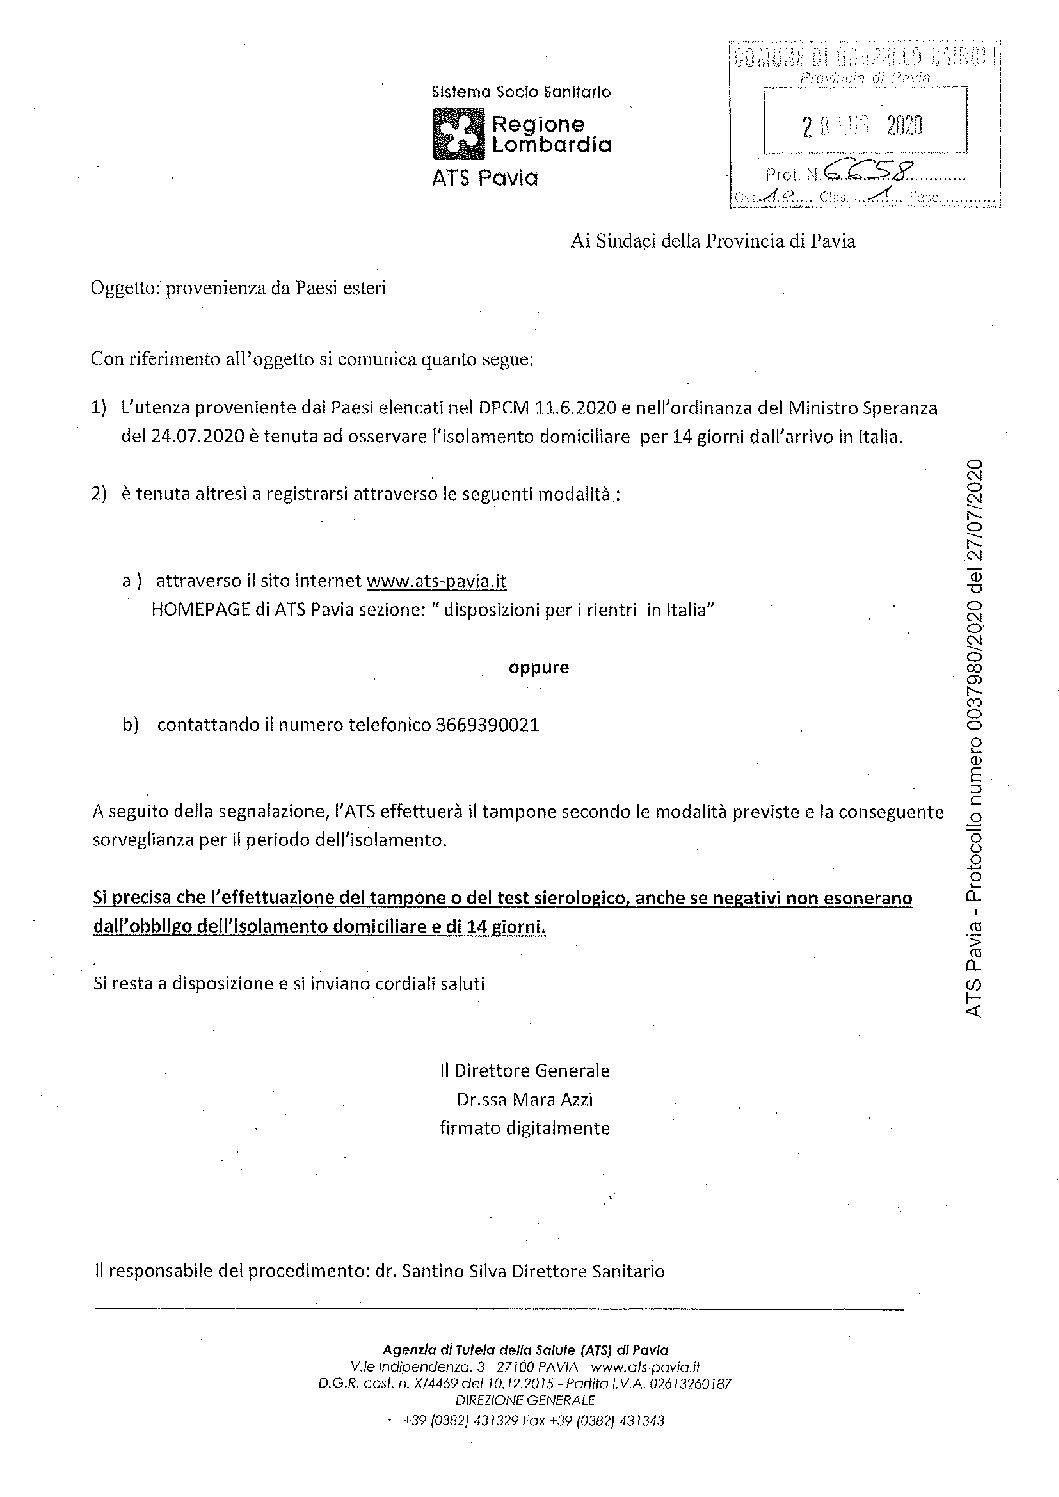 REGIONE LOMBARDIA-ATS PAVIA: PROVENIENZA DA PAESI ESTERI.